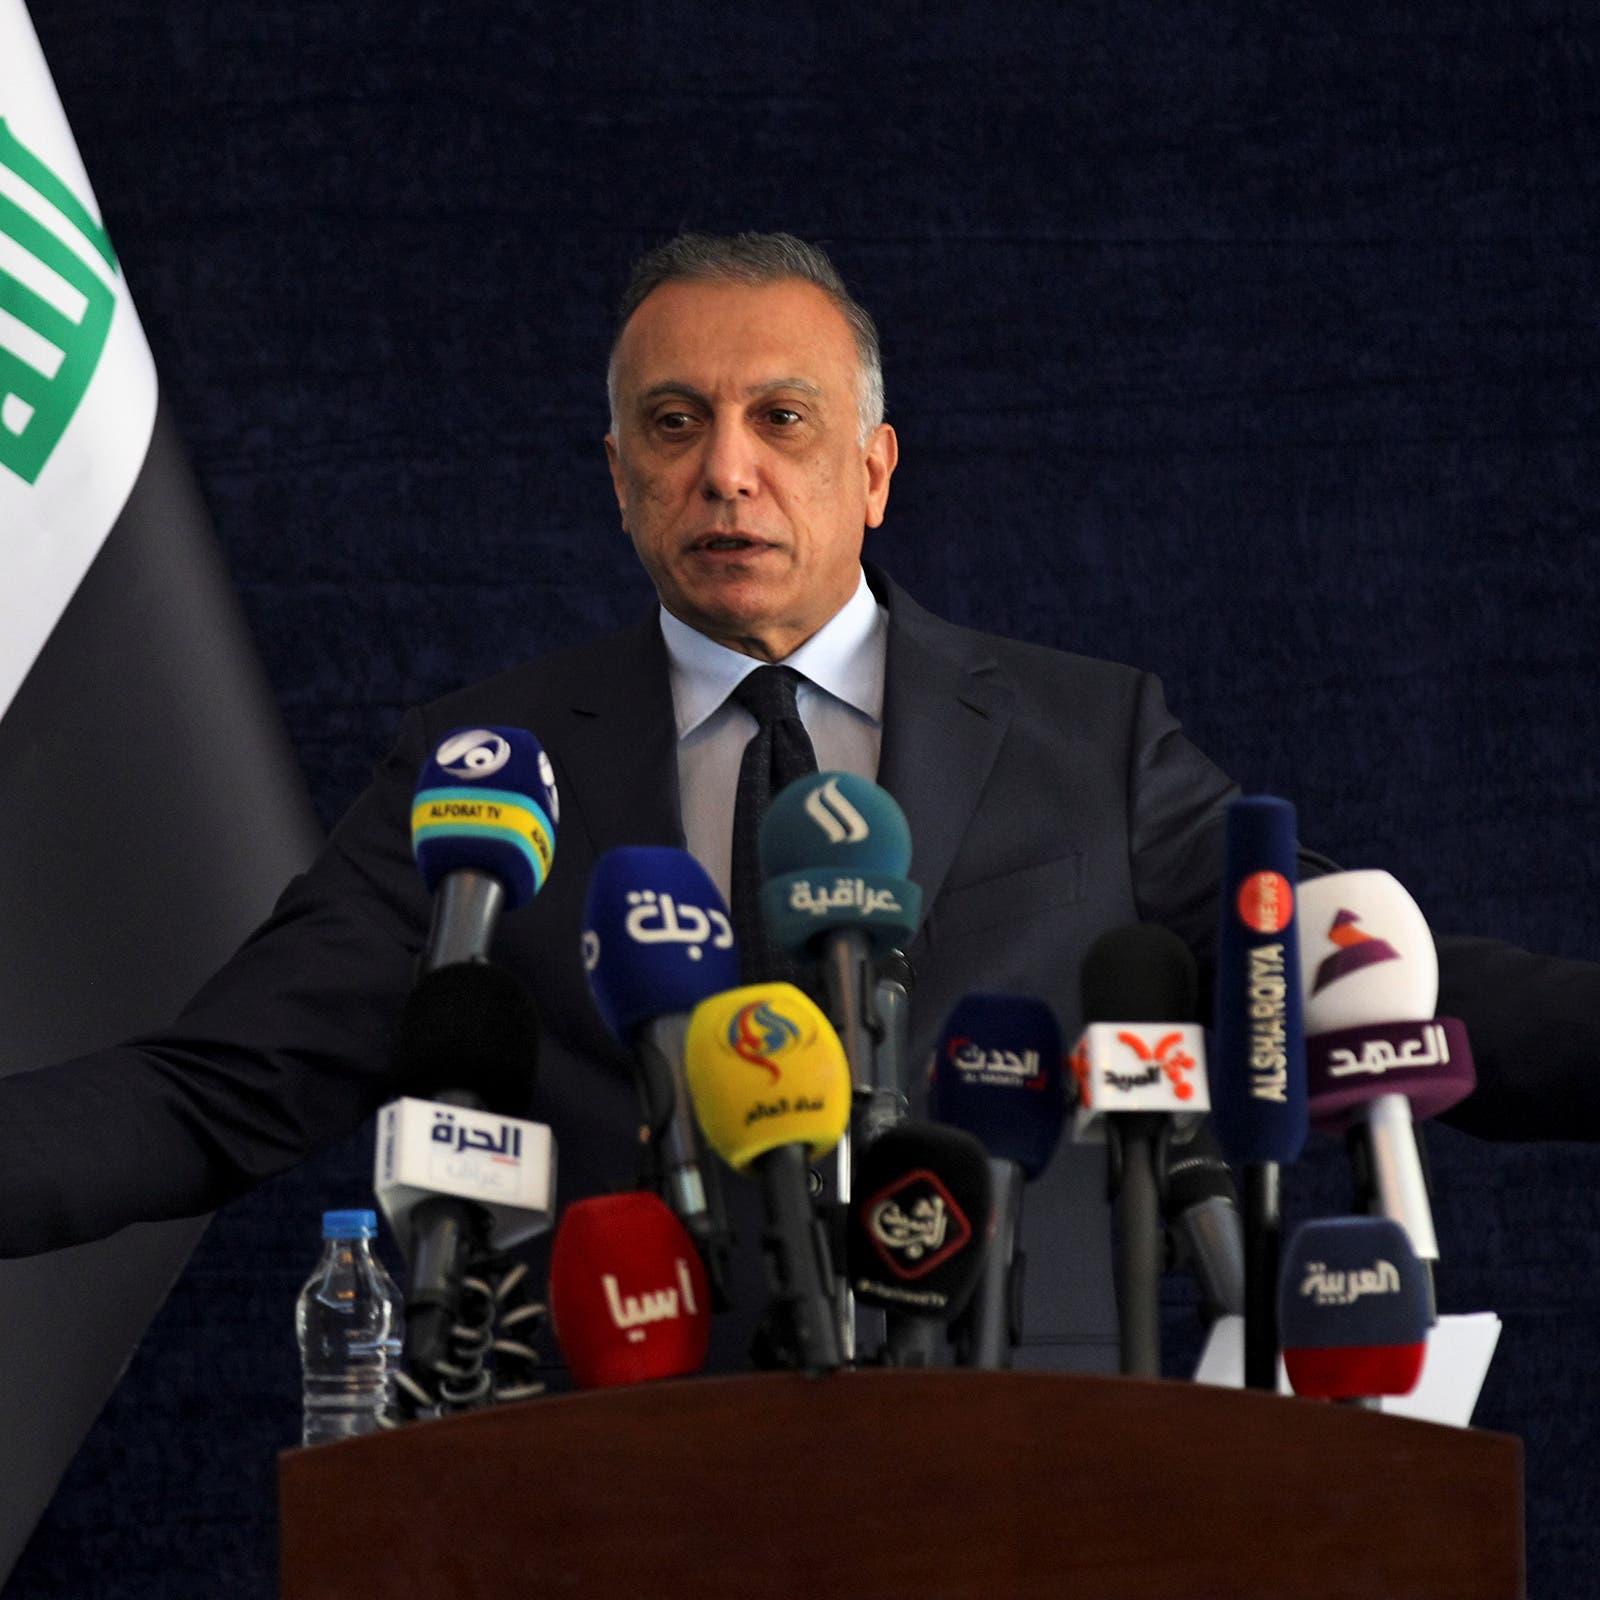 العراق.. الكاظمي يطالب الأمن بحماية المتظاهرين السلميين